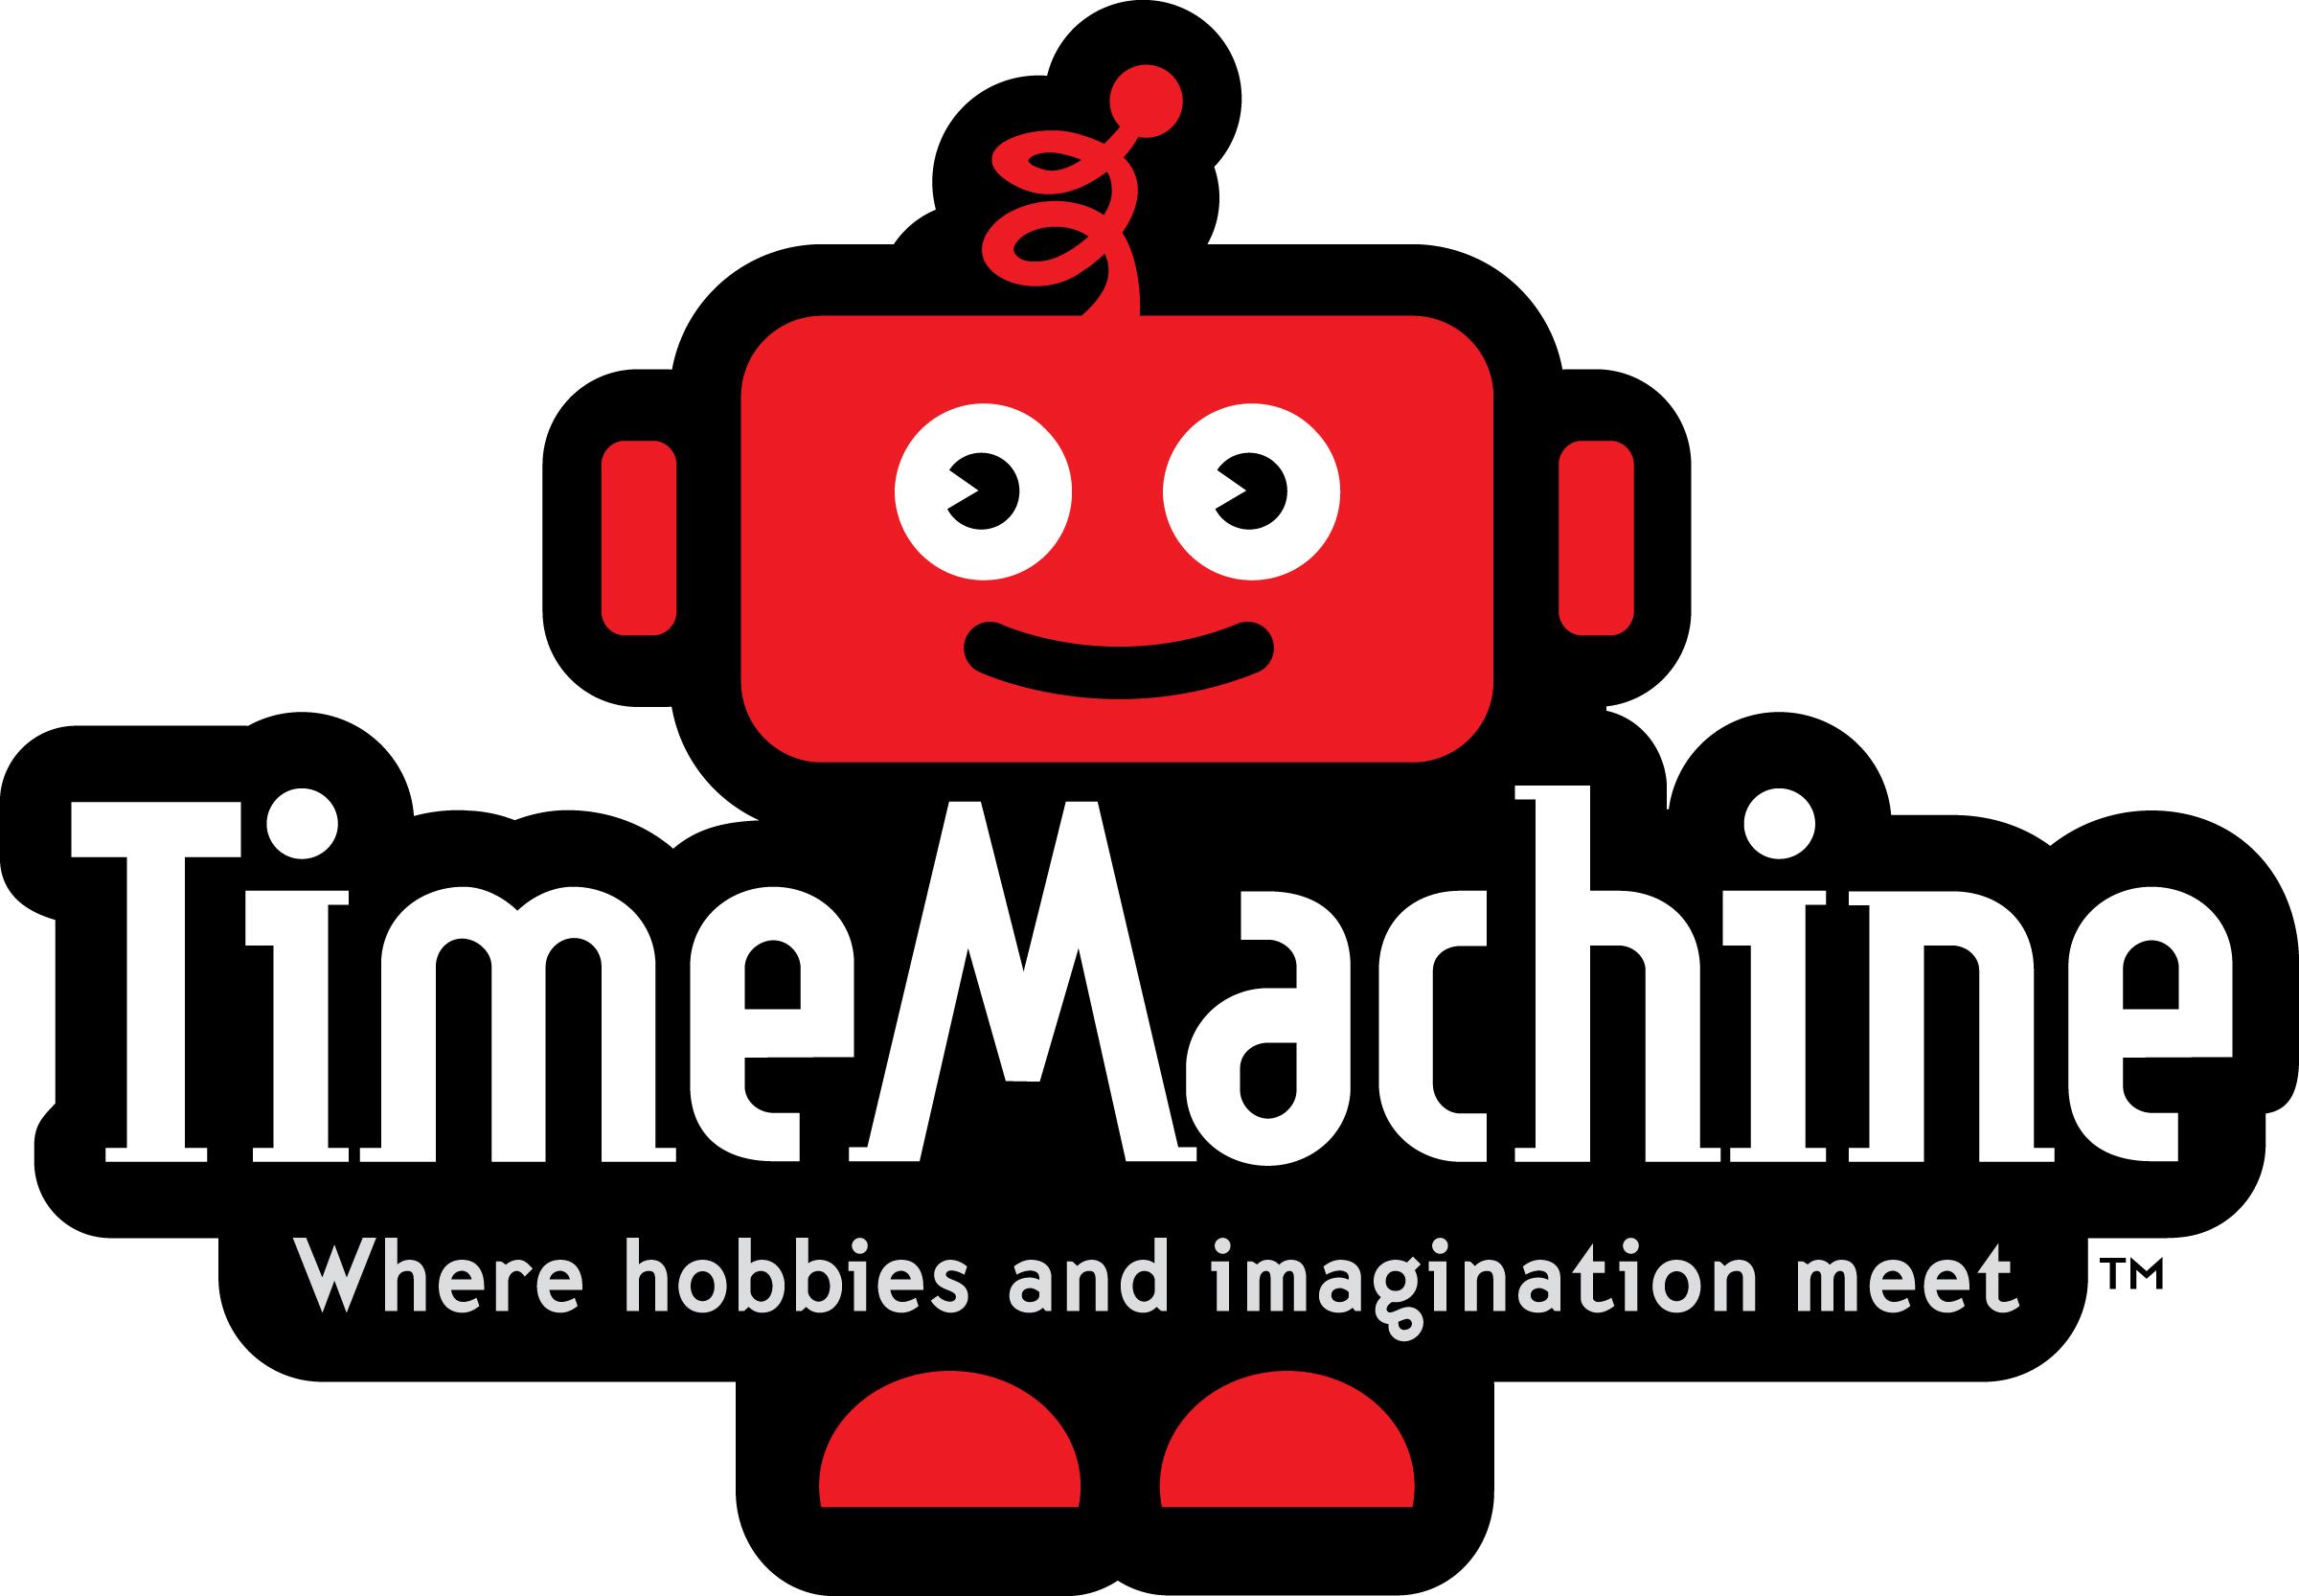 Time Machine Hobby